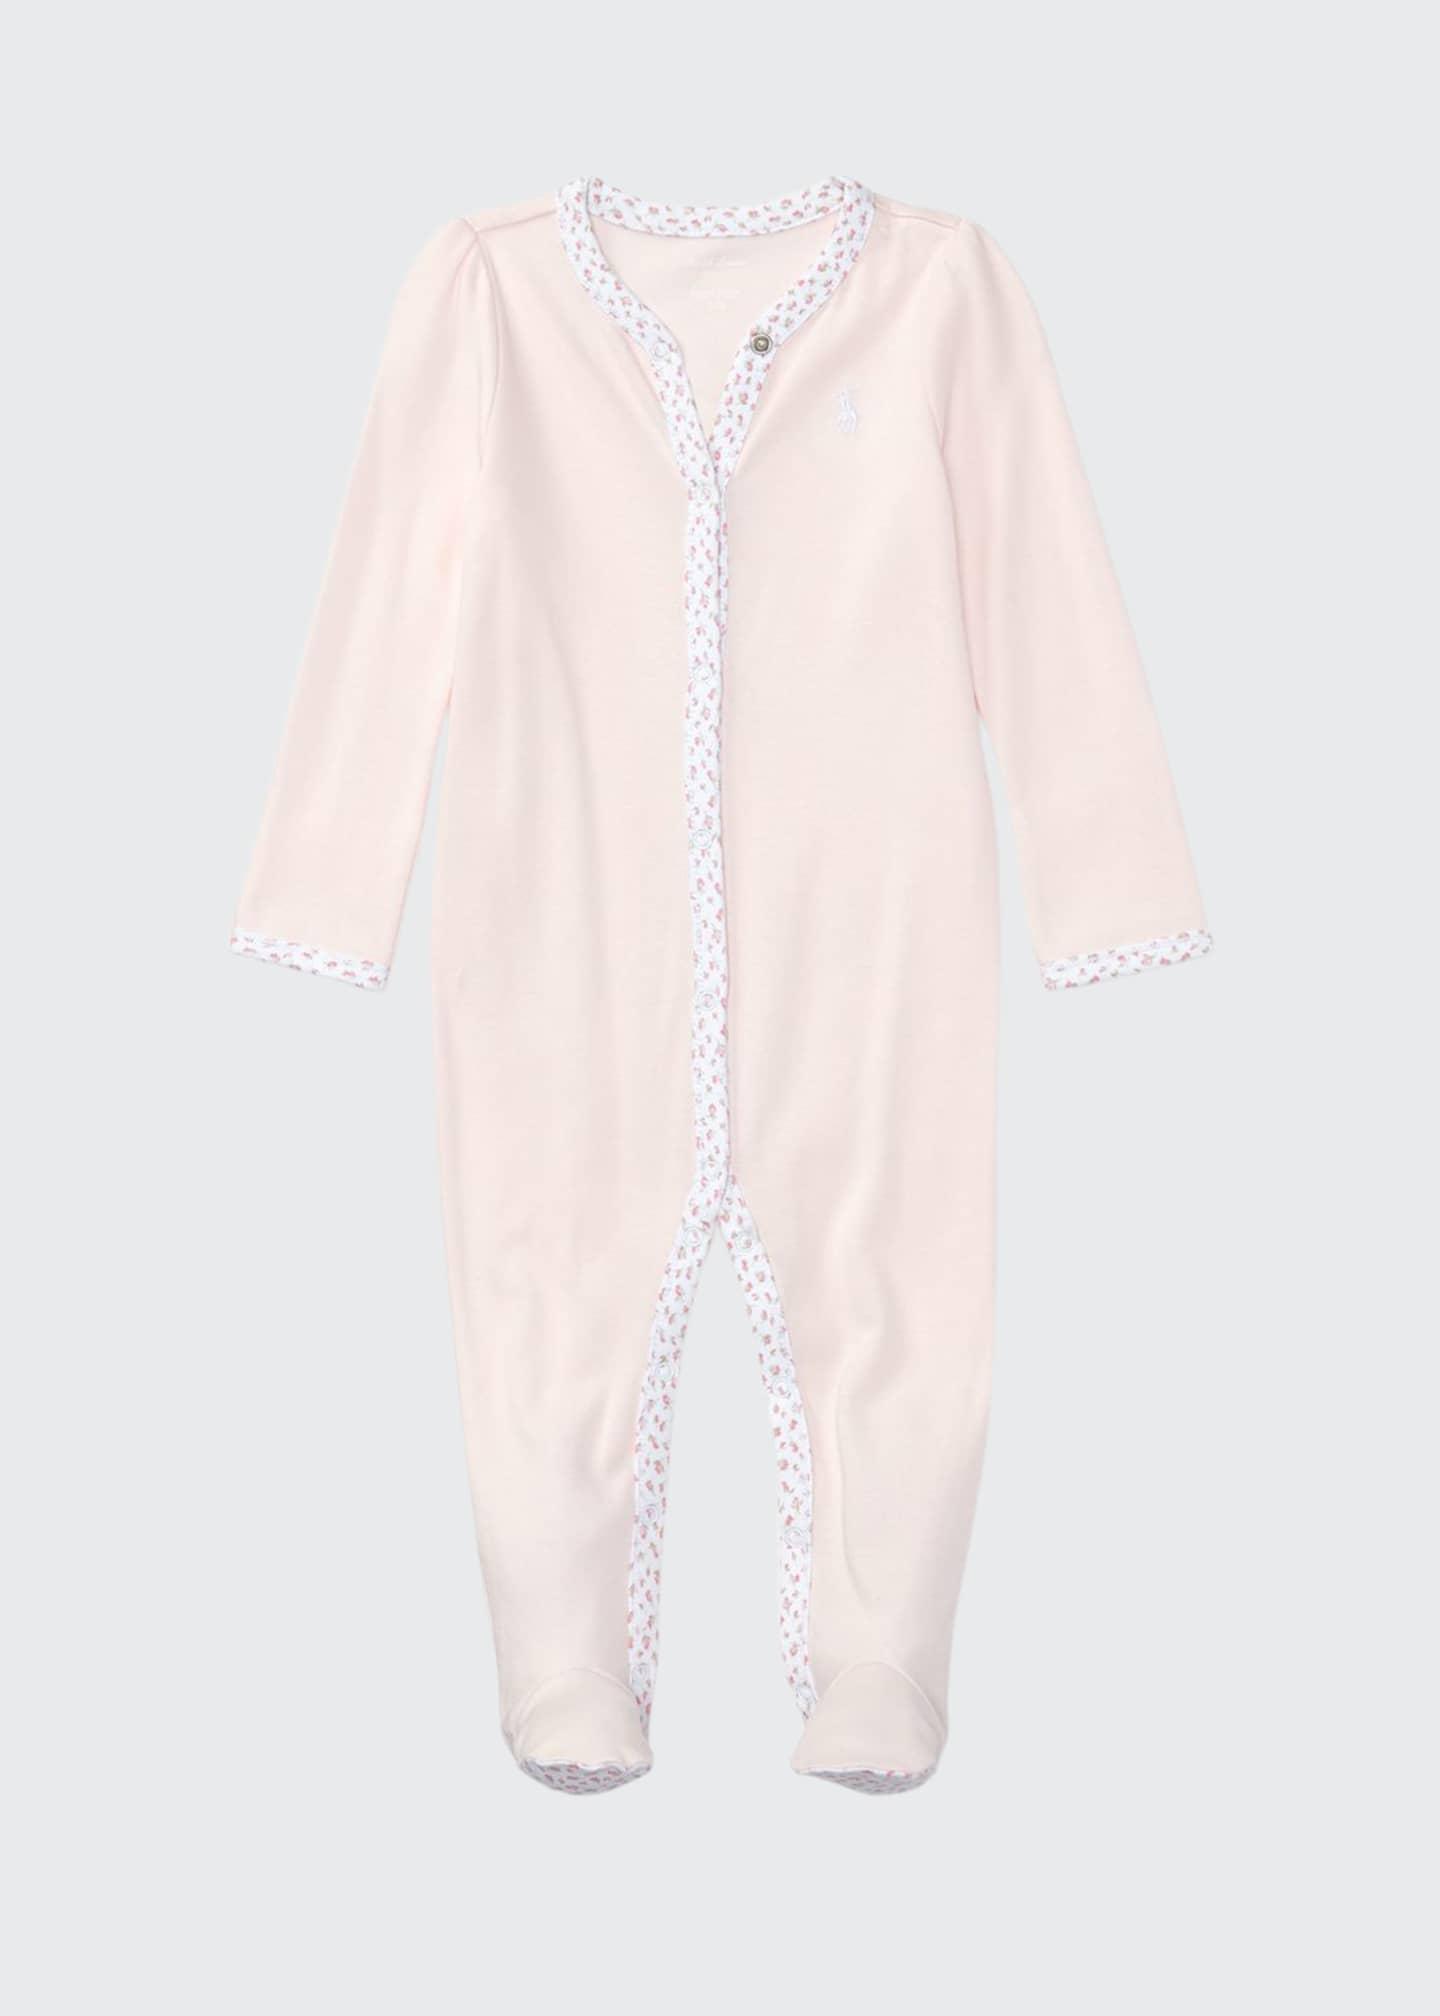 Ralph Lauren Childrenswear Cotton Footie Pajamas w/ Floral